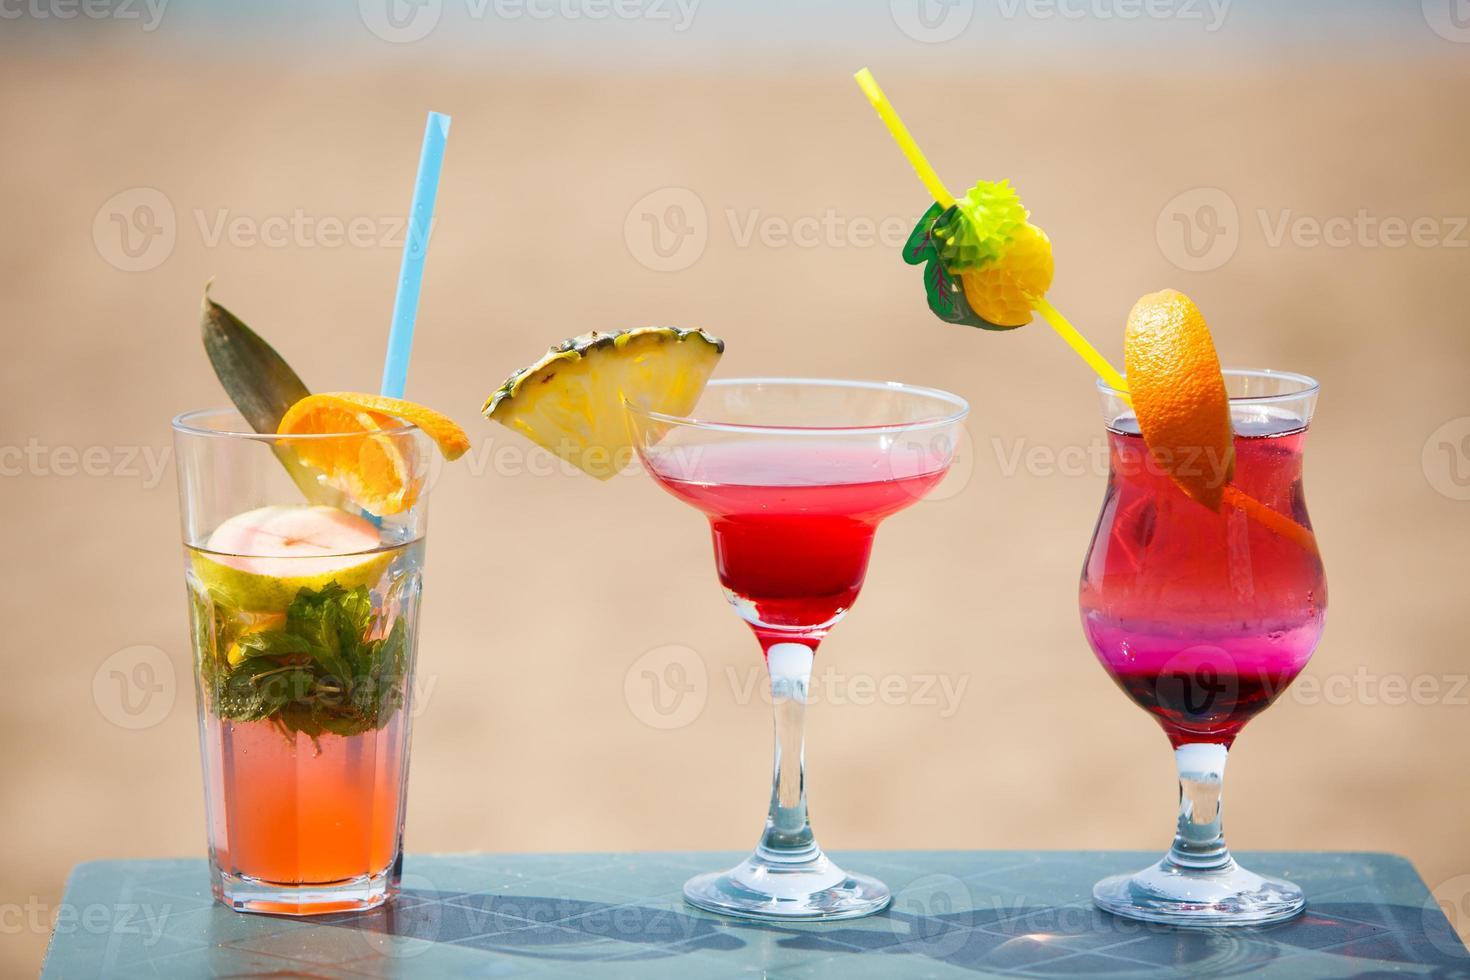 drei Cocktails auf dem Tisch foto